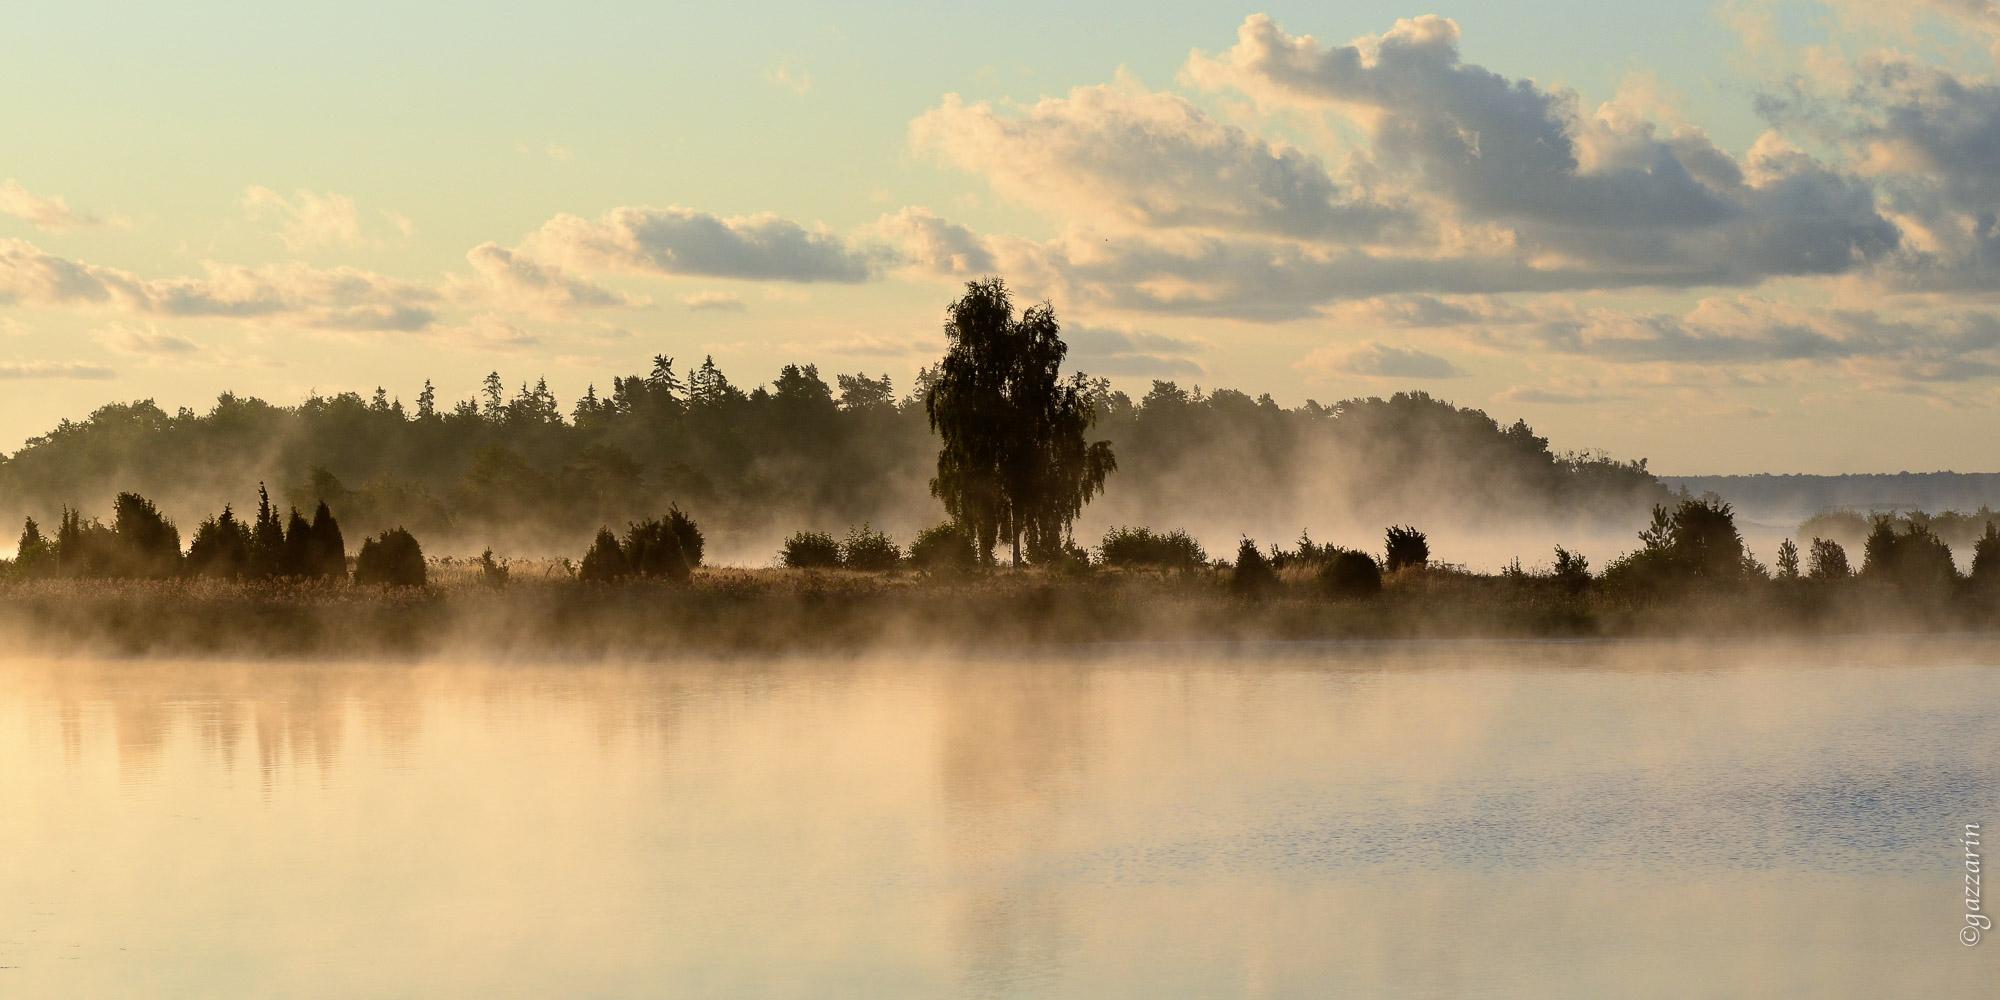 Baum auf Insel (3), Schweden